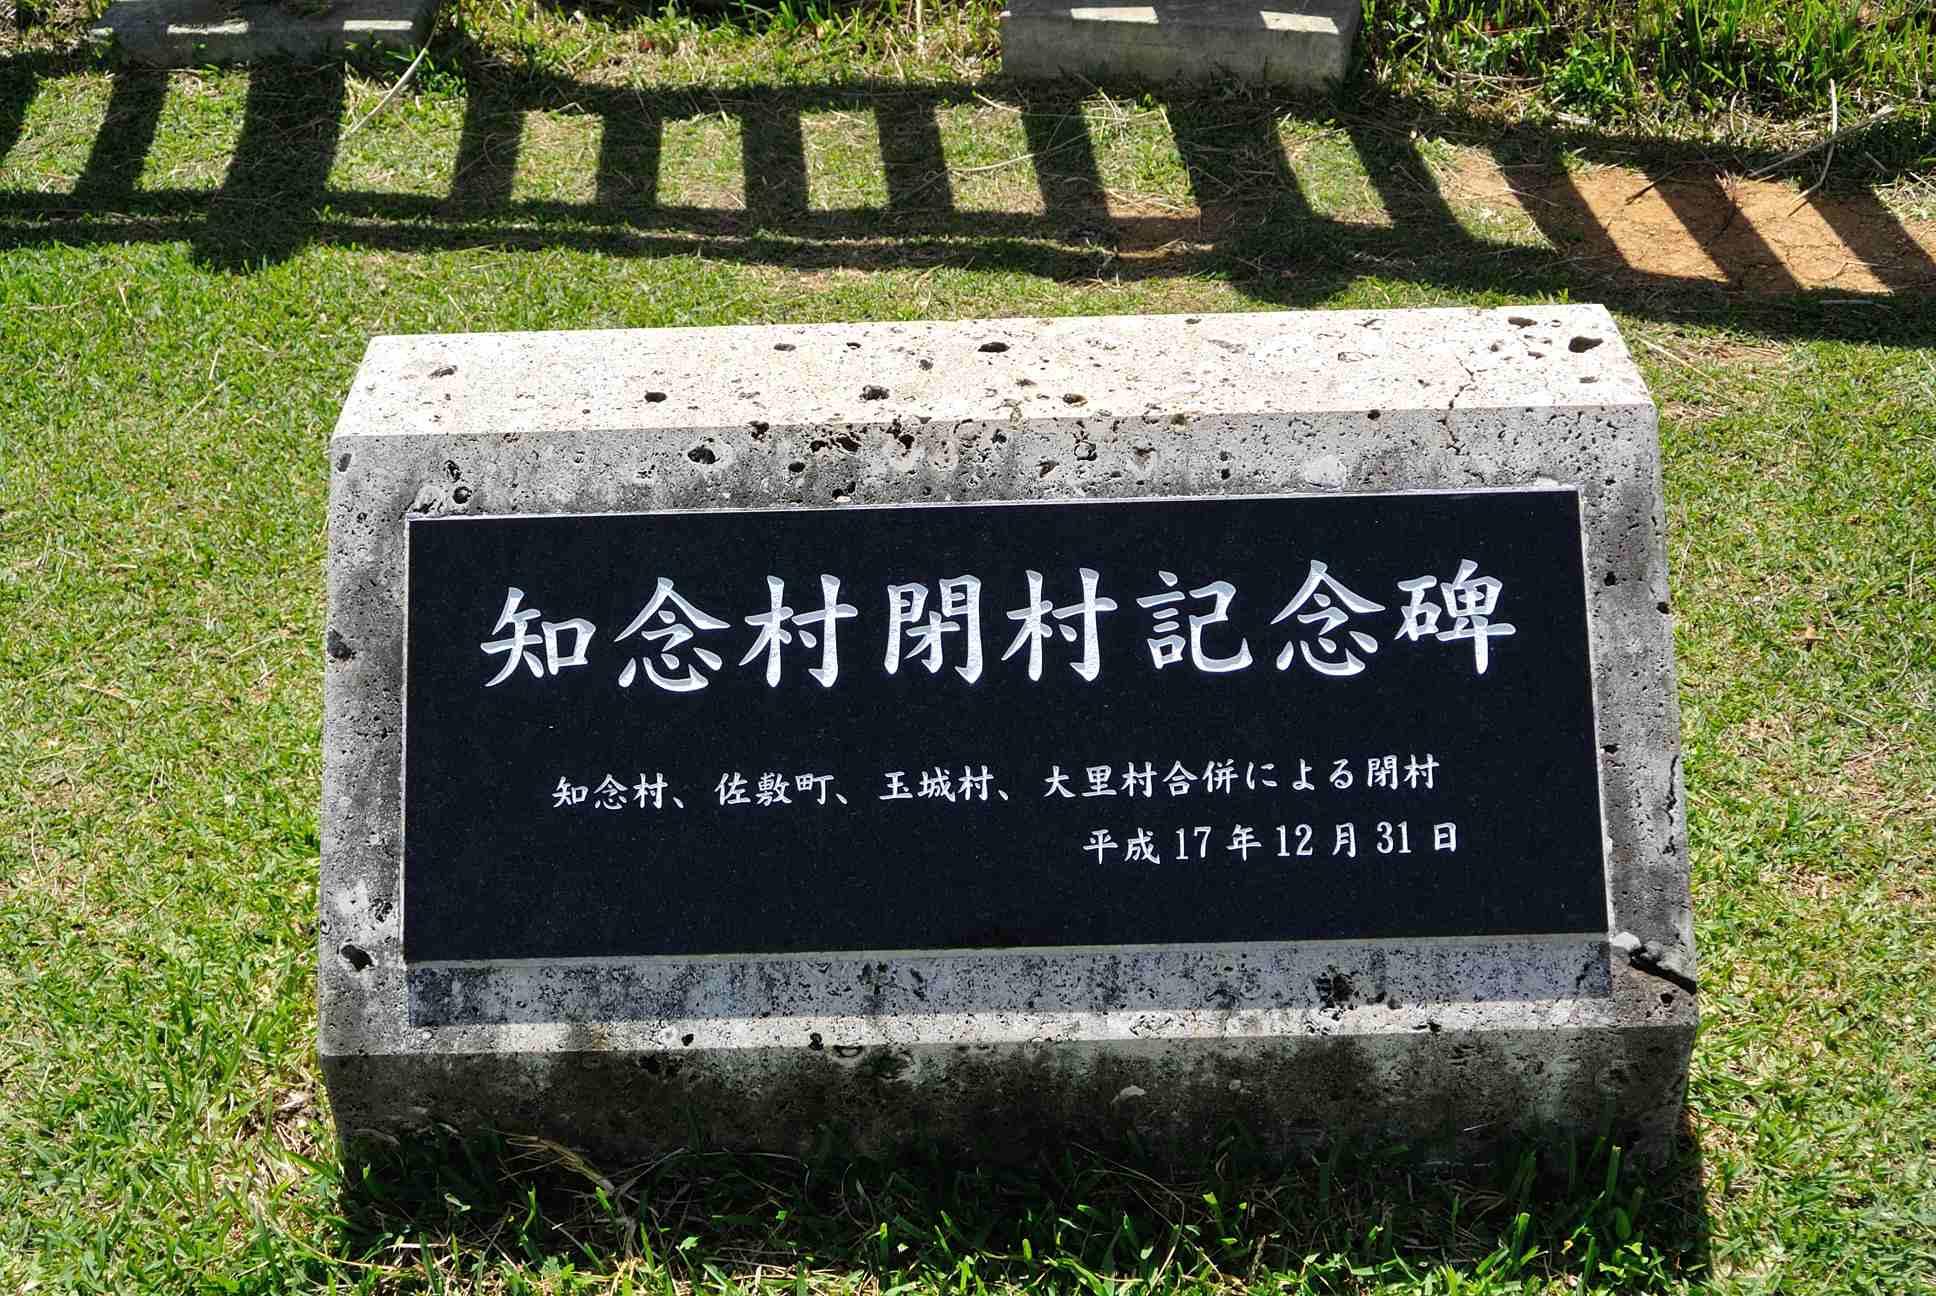 知念村閉村記念碑